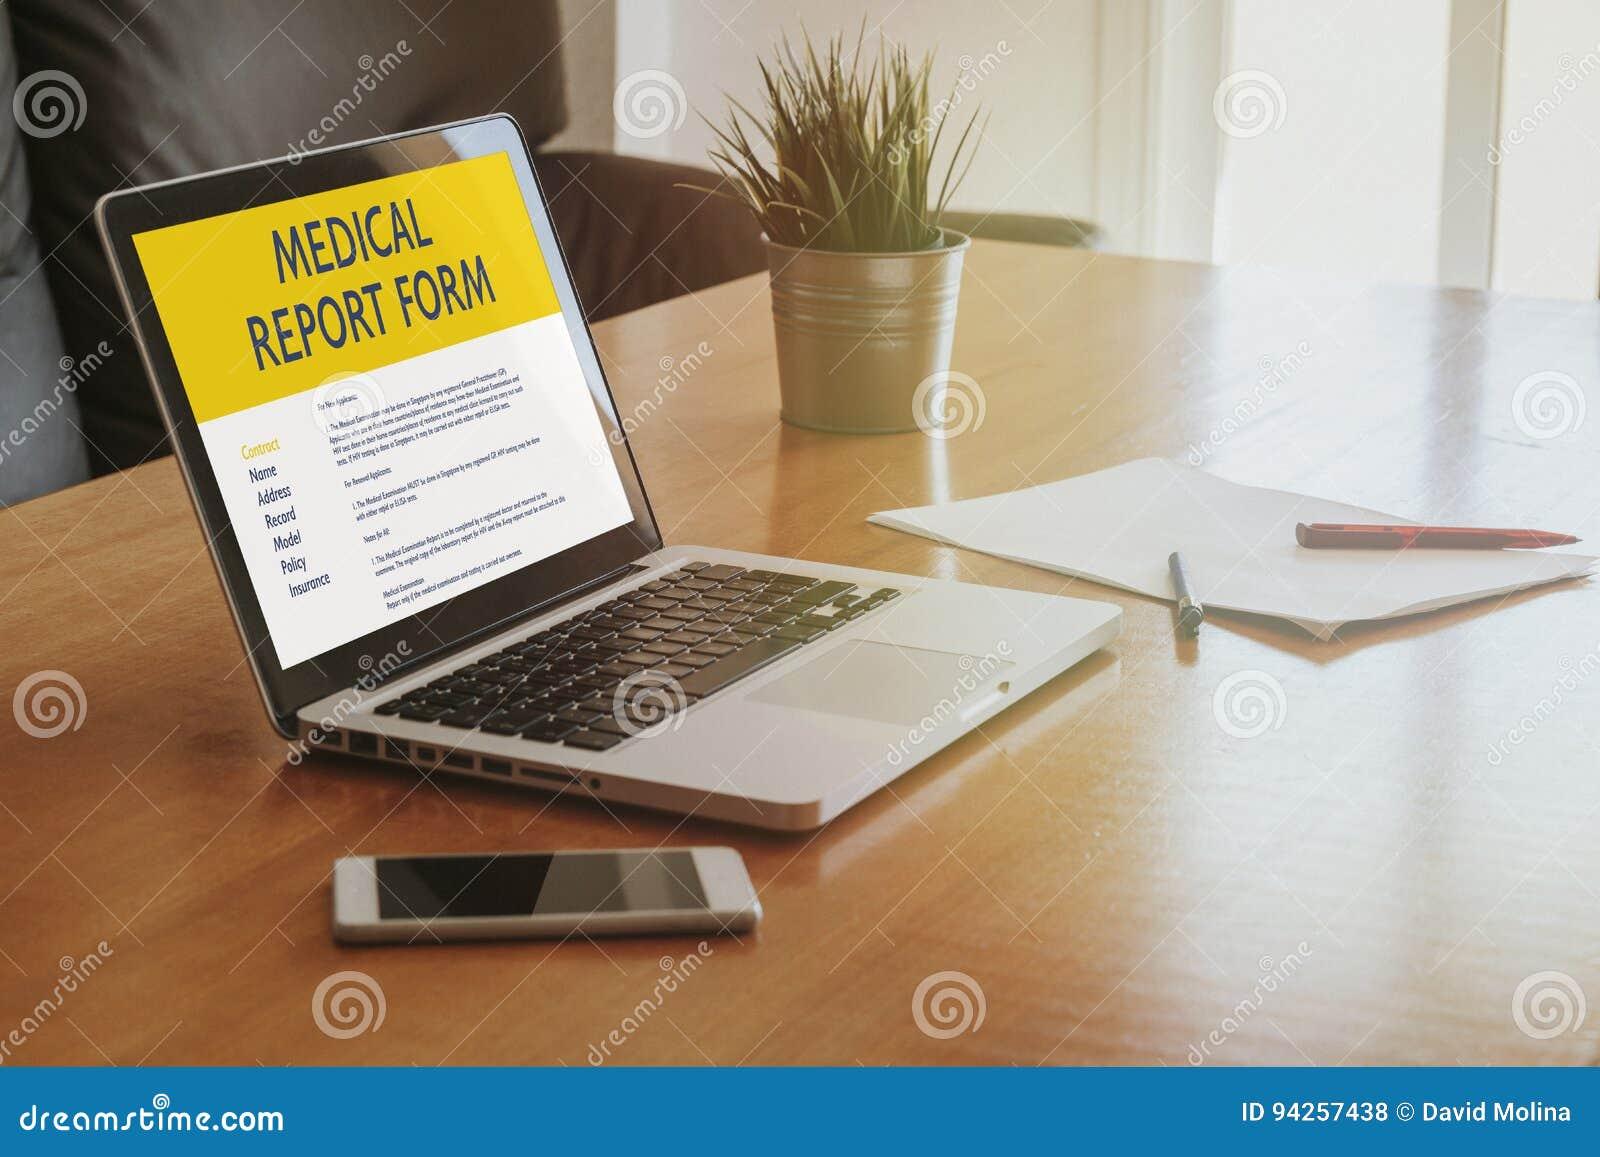 Forme de rapport médical dans un écran d ordinateur portable au